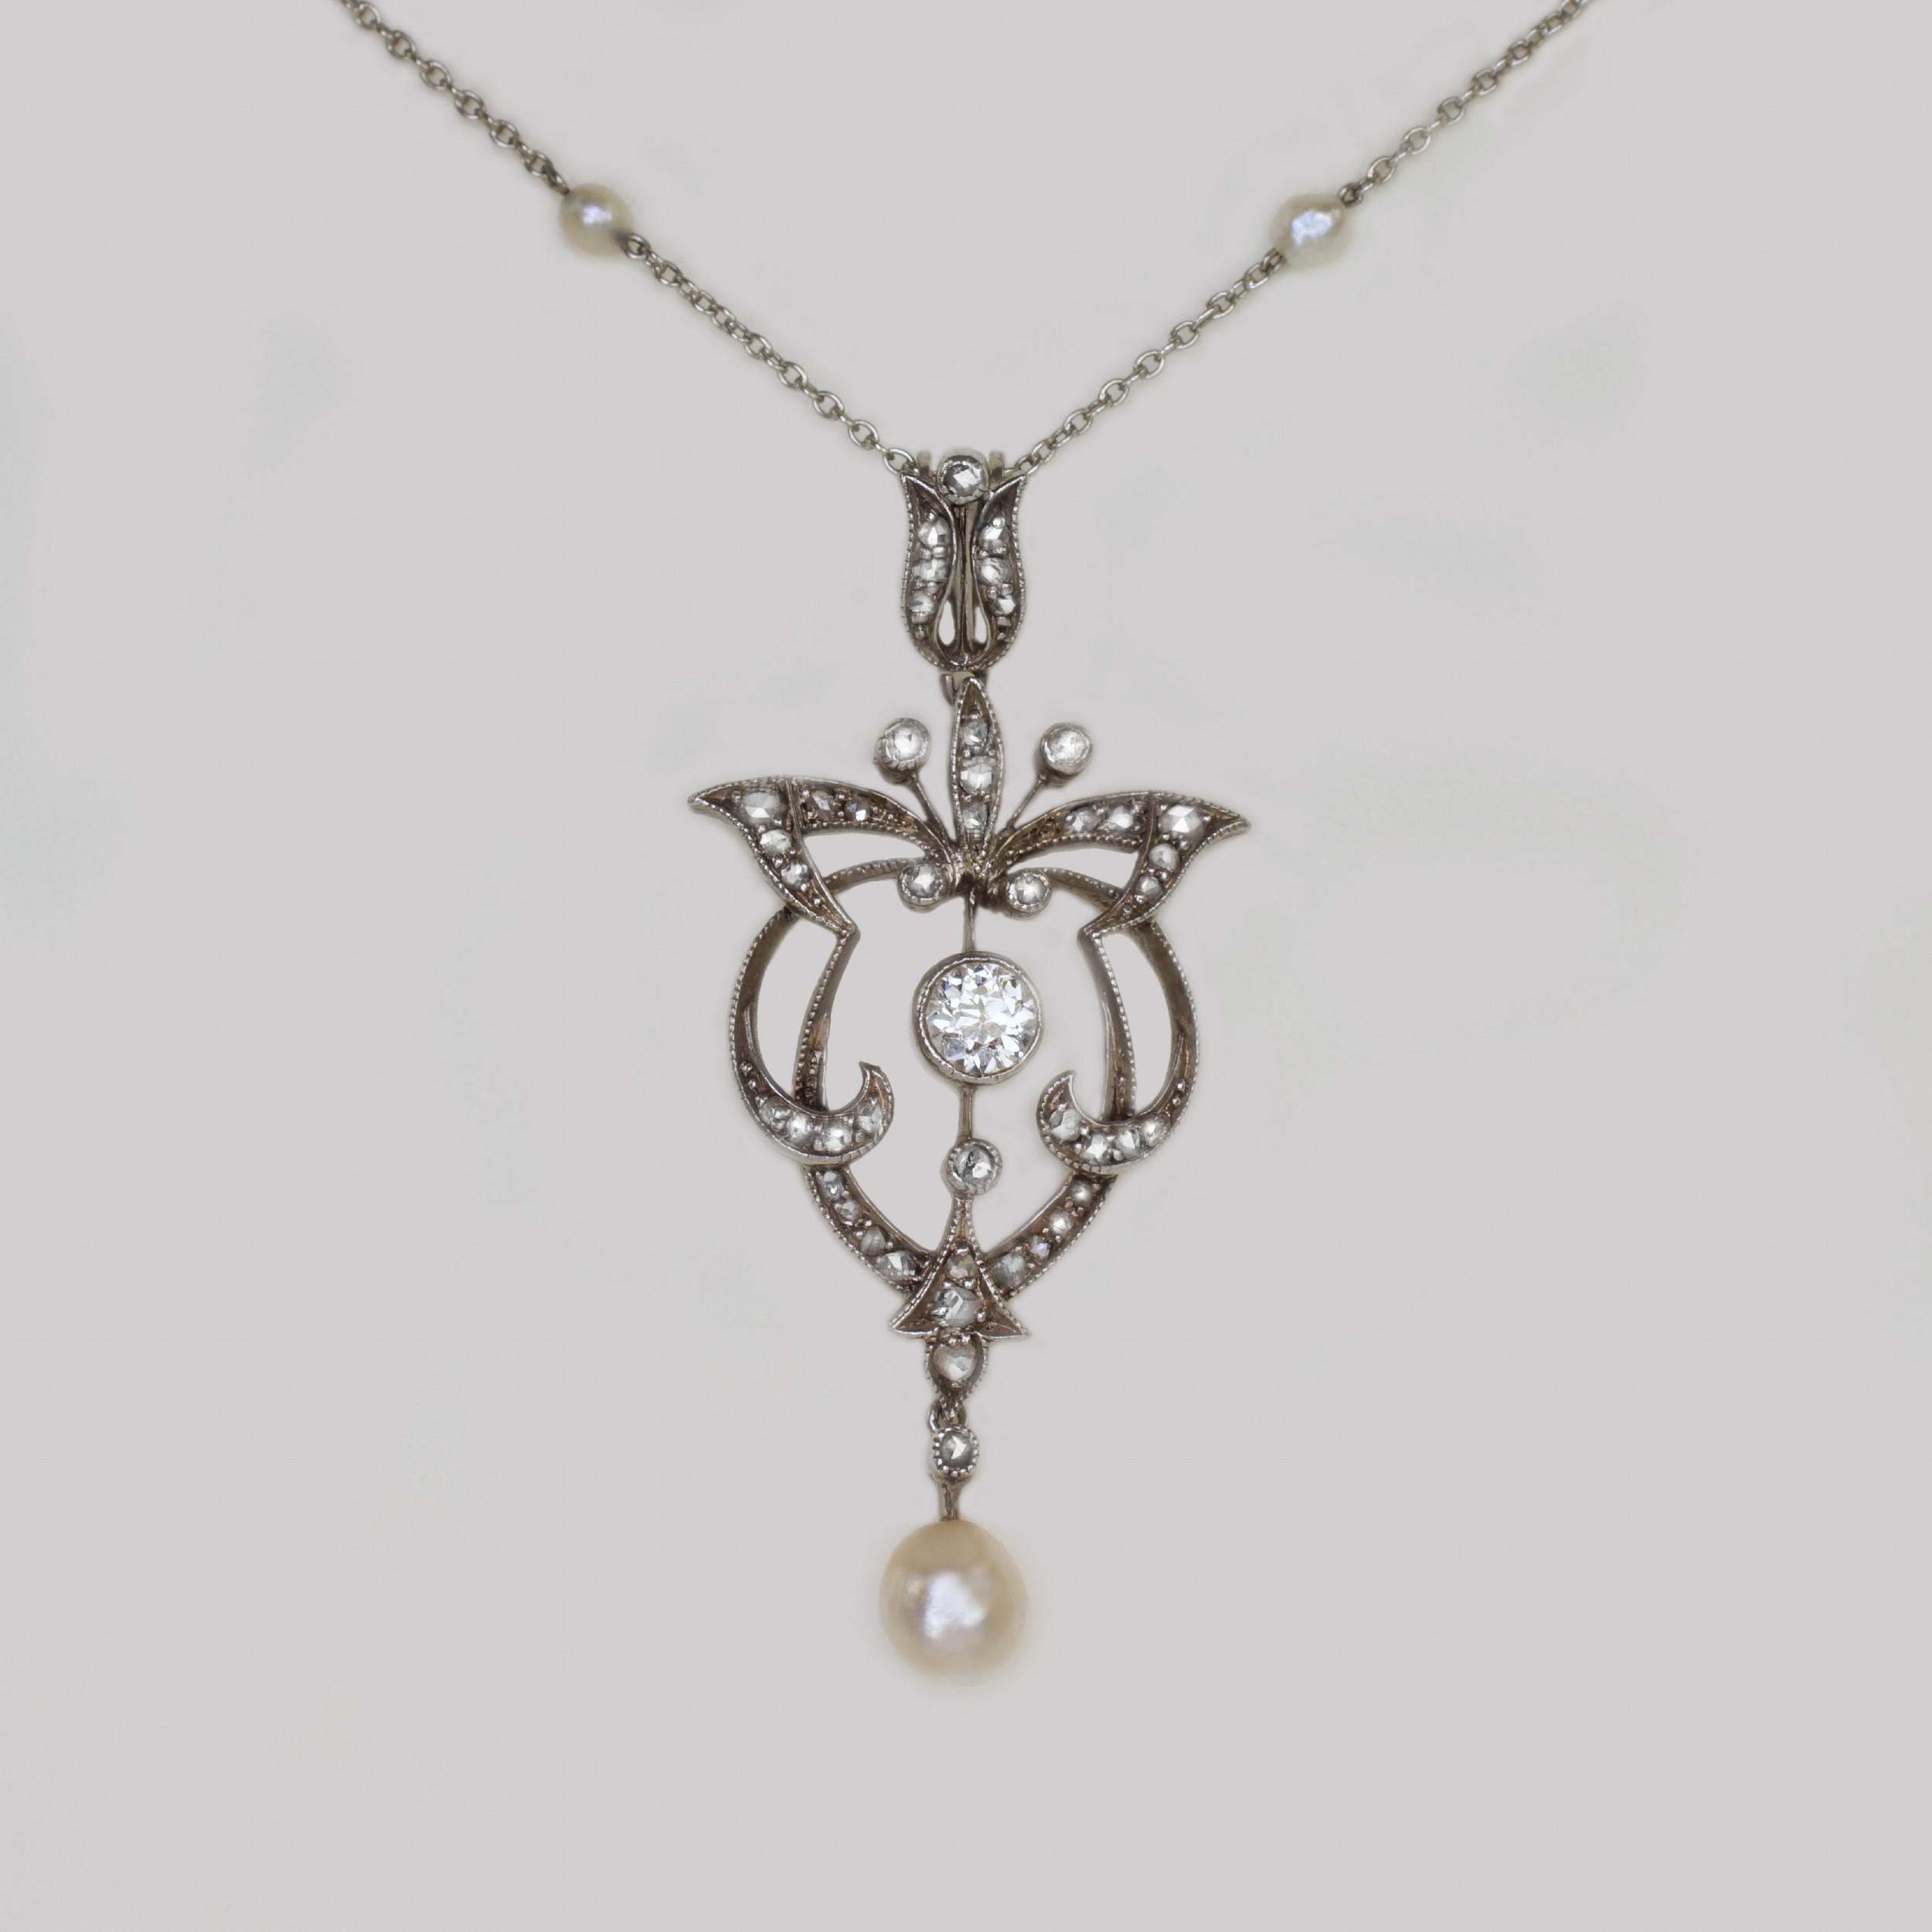 edwardian diamond pearl lavaliere pendant platinum antique art nouveau necklace